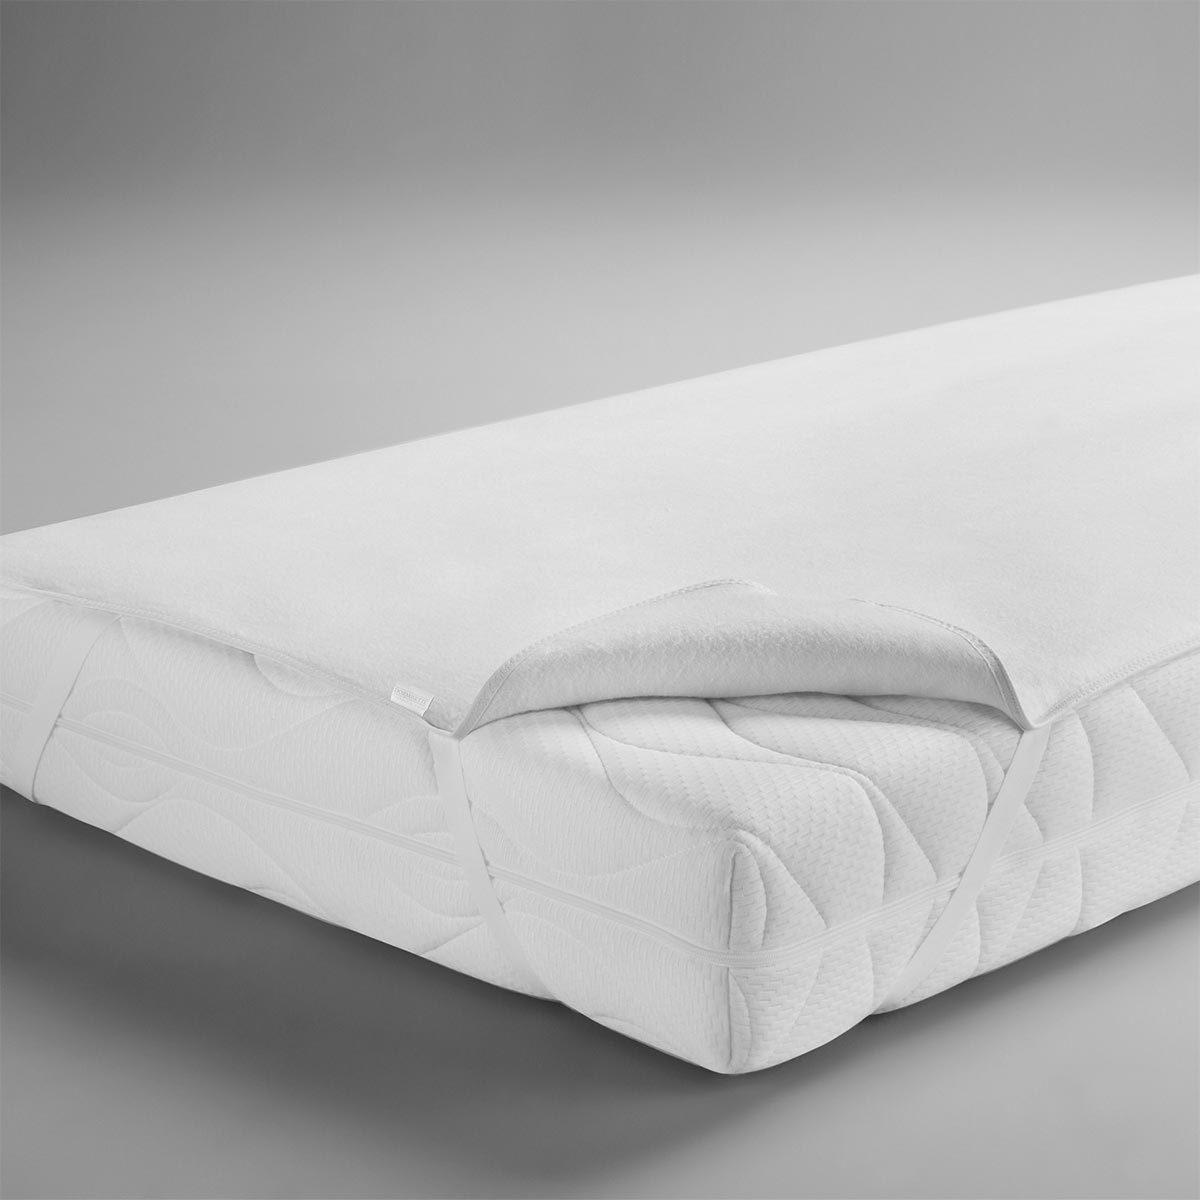 dormisette premium molton matratzen auflage g nstig online kaufen bei bettwaren shop. Black Bedroom Furniture Sets. Home Design Ideas